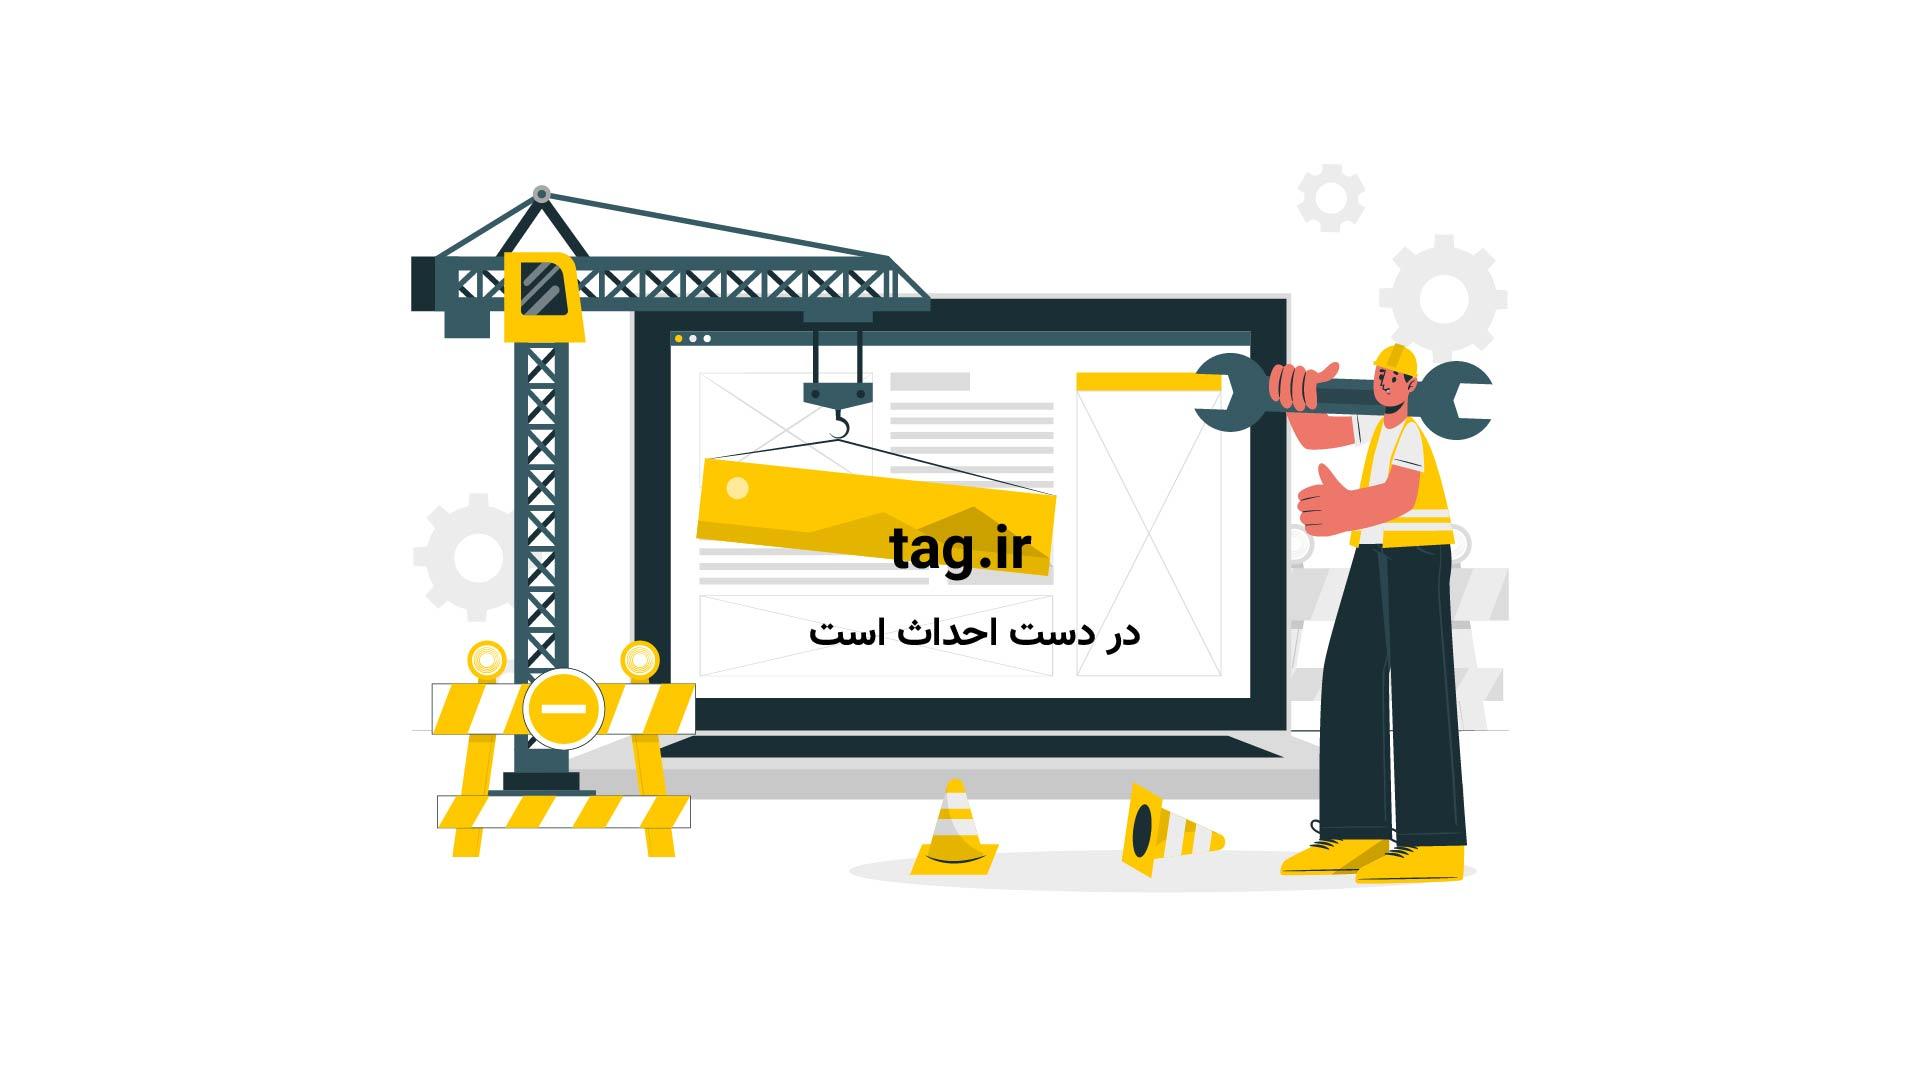 عناوین روزنامههای صبح چهارشنبه 12 آبان | فیلم